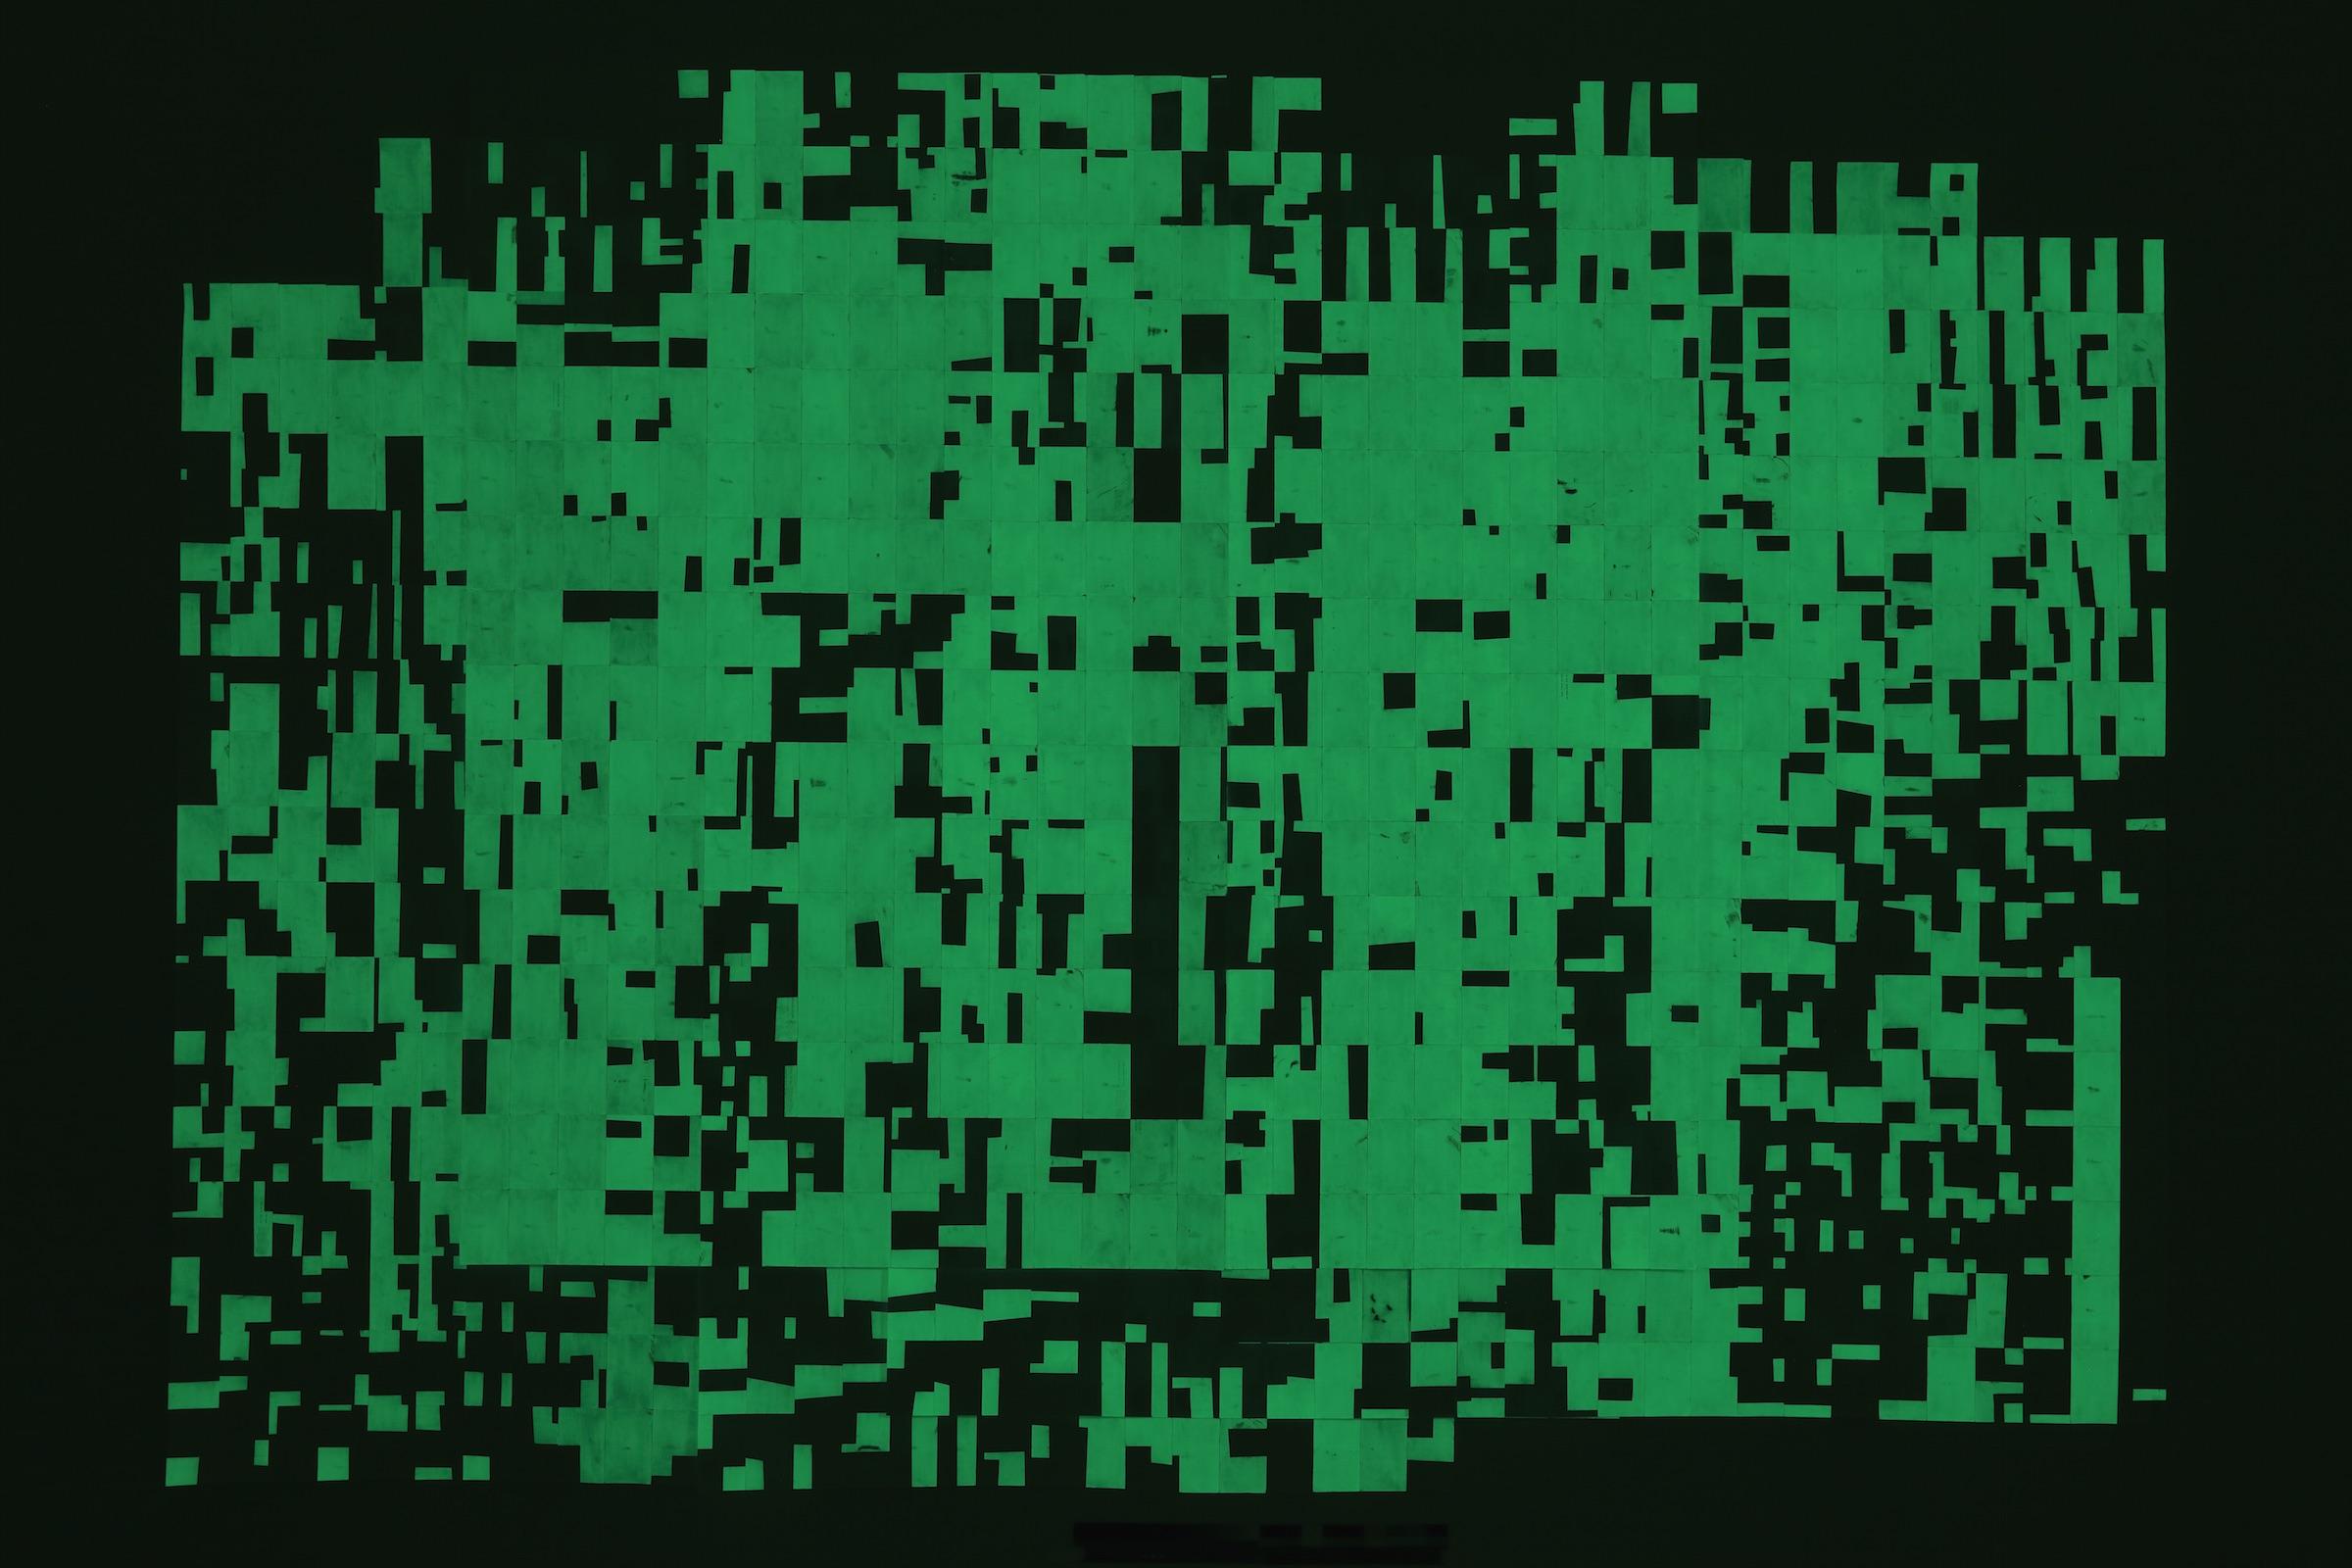 Agnes Lux, Hiver étéliés #4 ,2016,phosphorescent paint on postcards, 104.72 x 147.2 in (dark view)